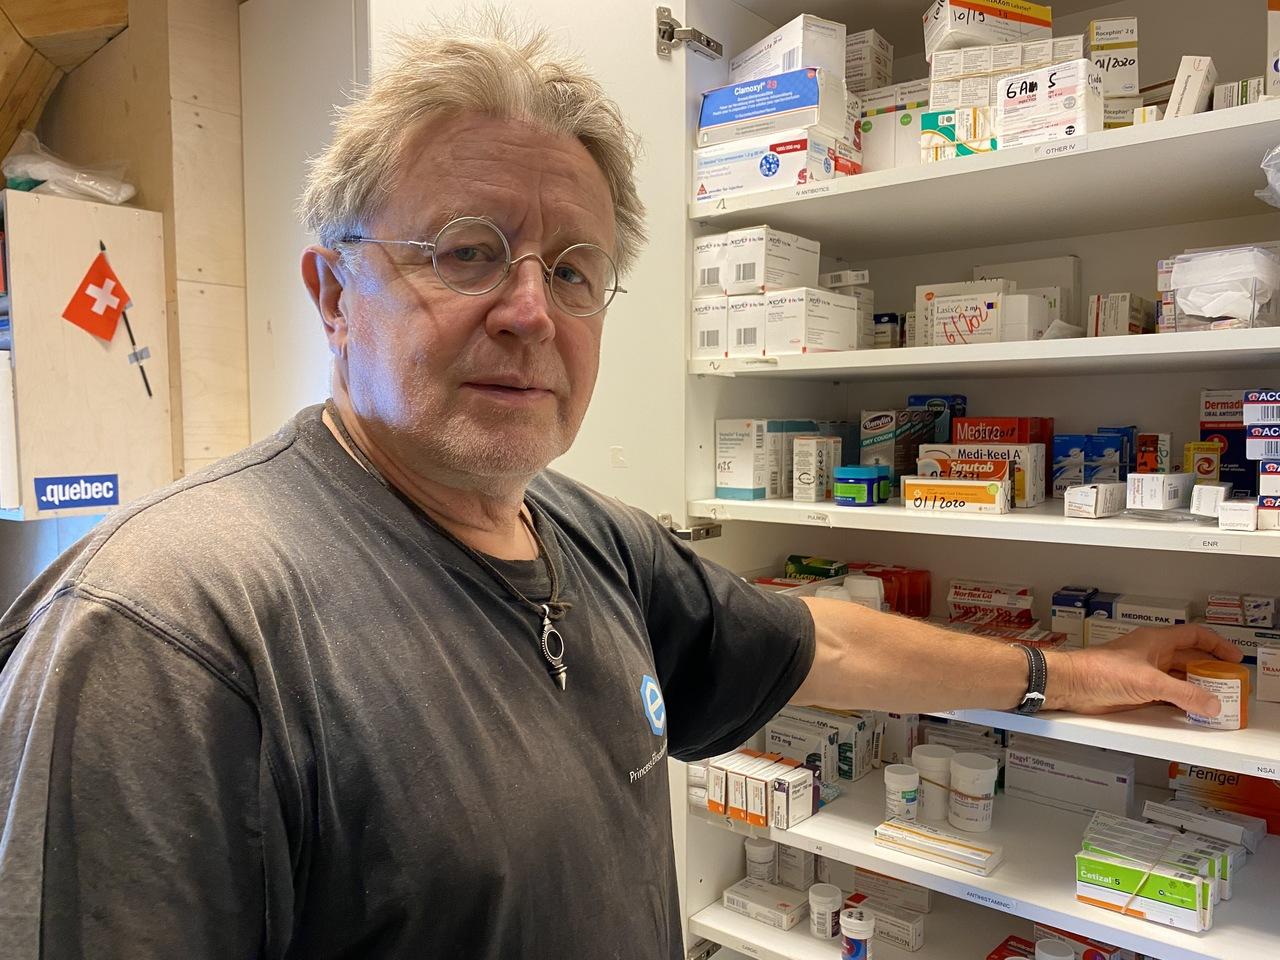 Jacques Richon, médecin urgentiste valaisan, éloigné de tout en Antarctique, raconte son quotidien